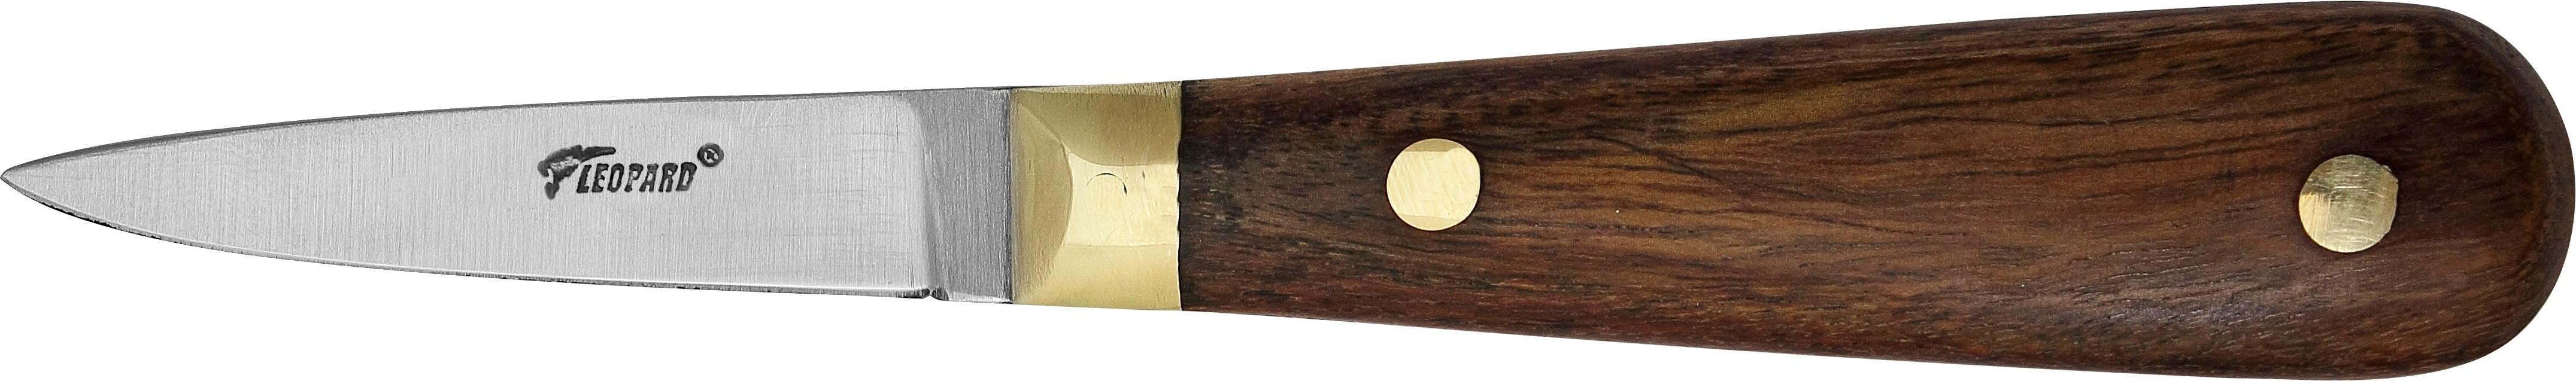 Lancette à huitre 16 cm - palissandre